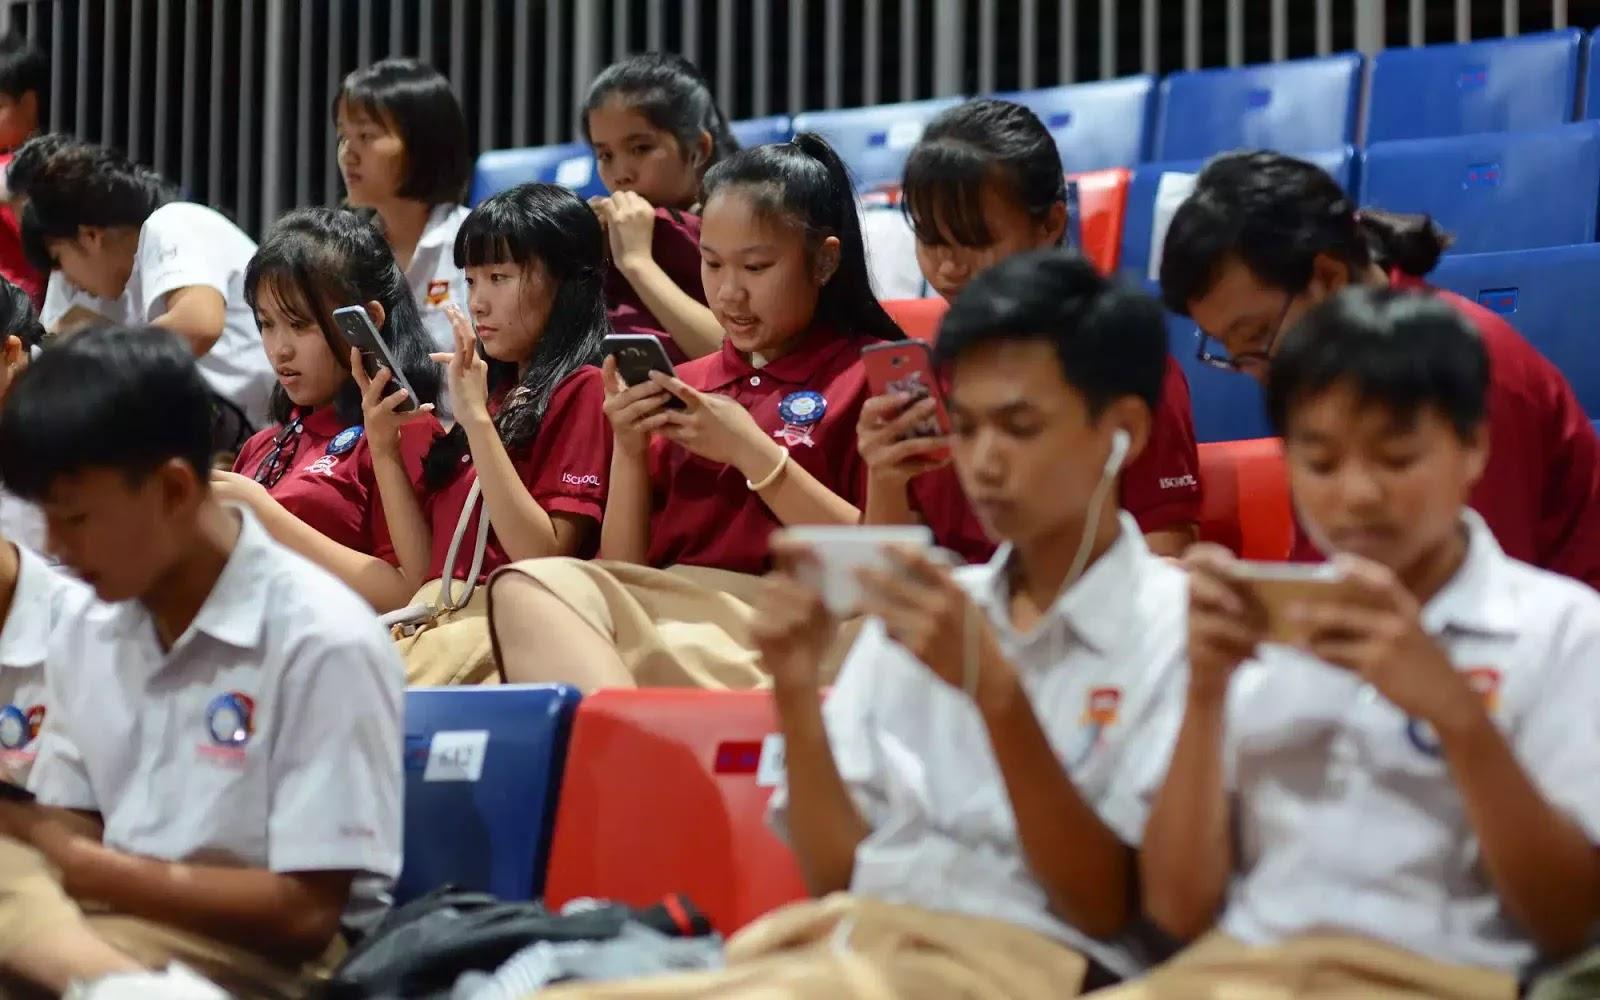 Phụ huynh vẫn trang bị điện thoại, máy tính cho con phục vụ việc học nhưng vẫn lo lắng vì sợ con quá phụ thuộc công nghệ.